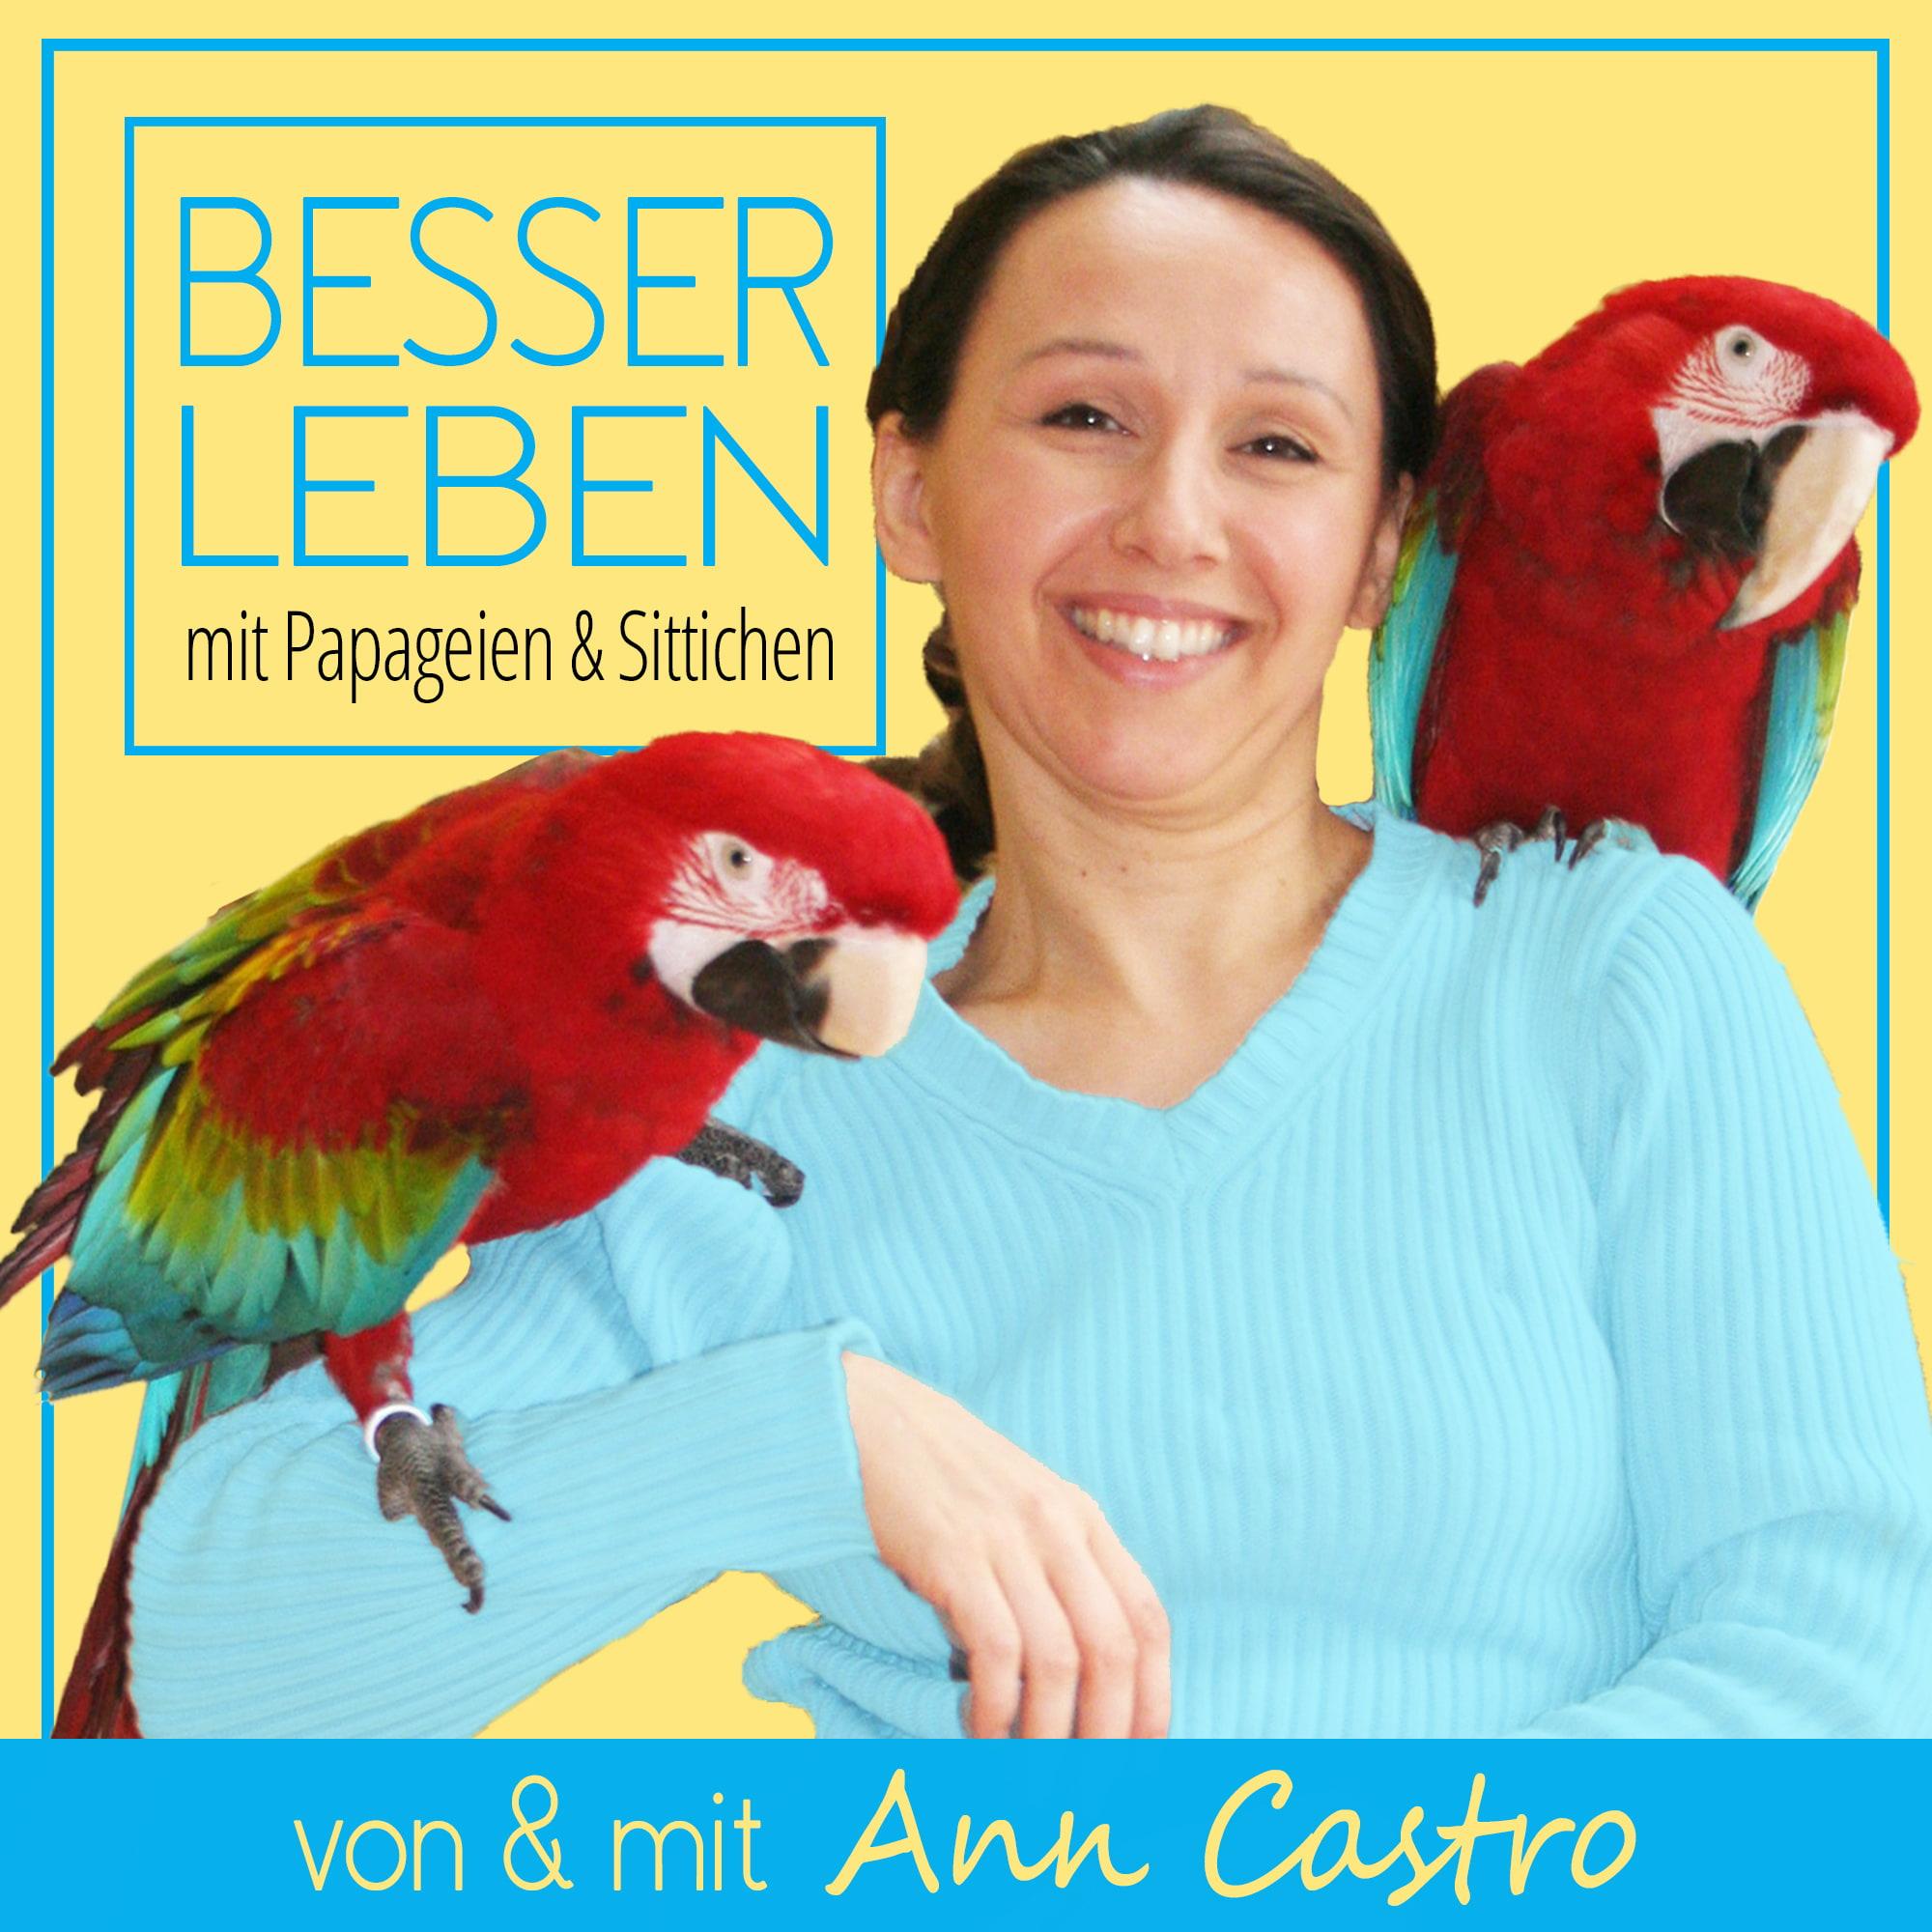 Besser Leben mit Papageien & Sittichen show art